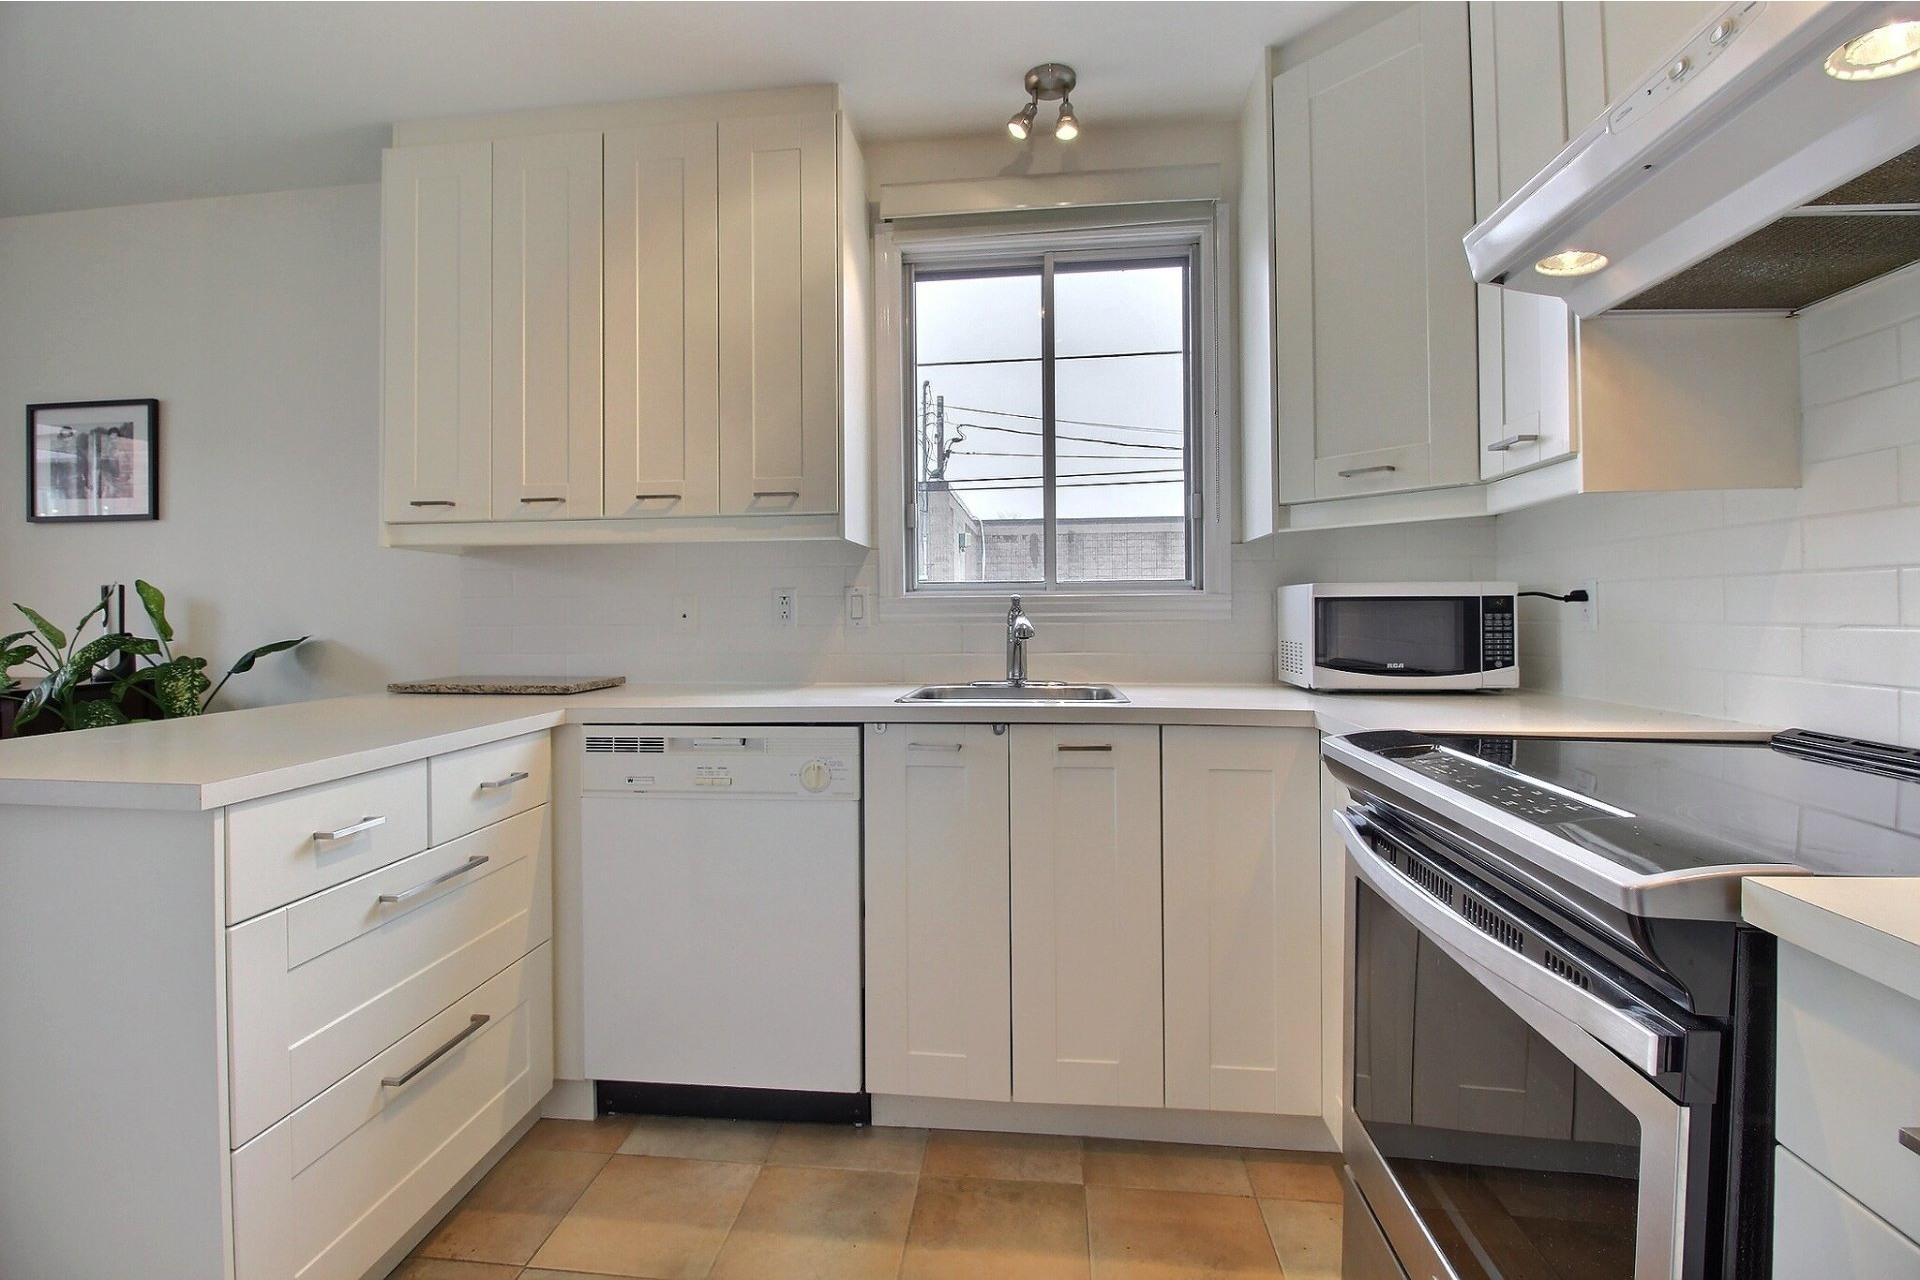 image 9 - Appartement À vendre Rivière-des-Prairies/Pointe-aux-Trembles Montréal  - 5 pièces